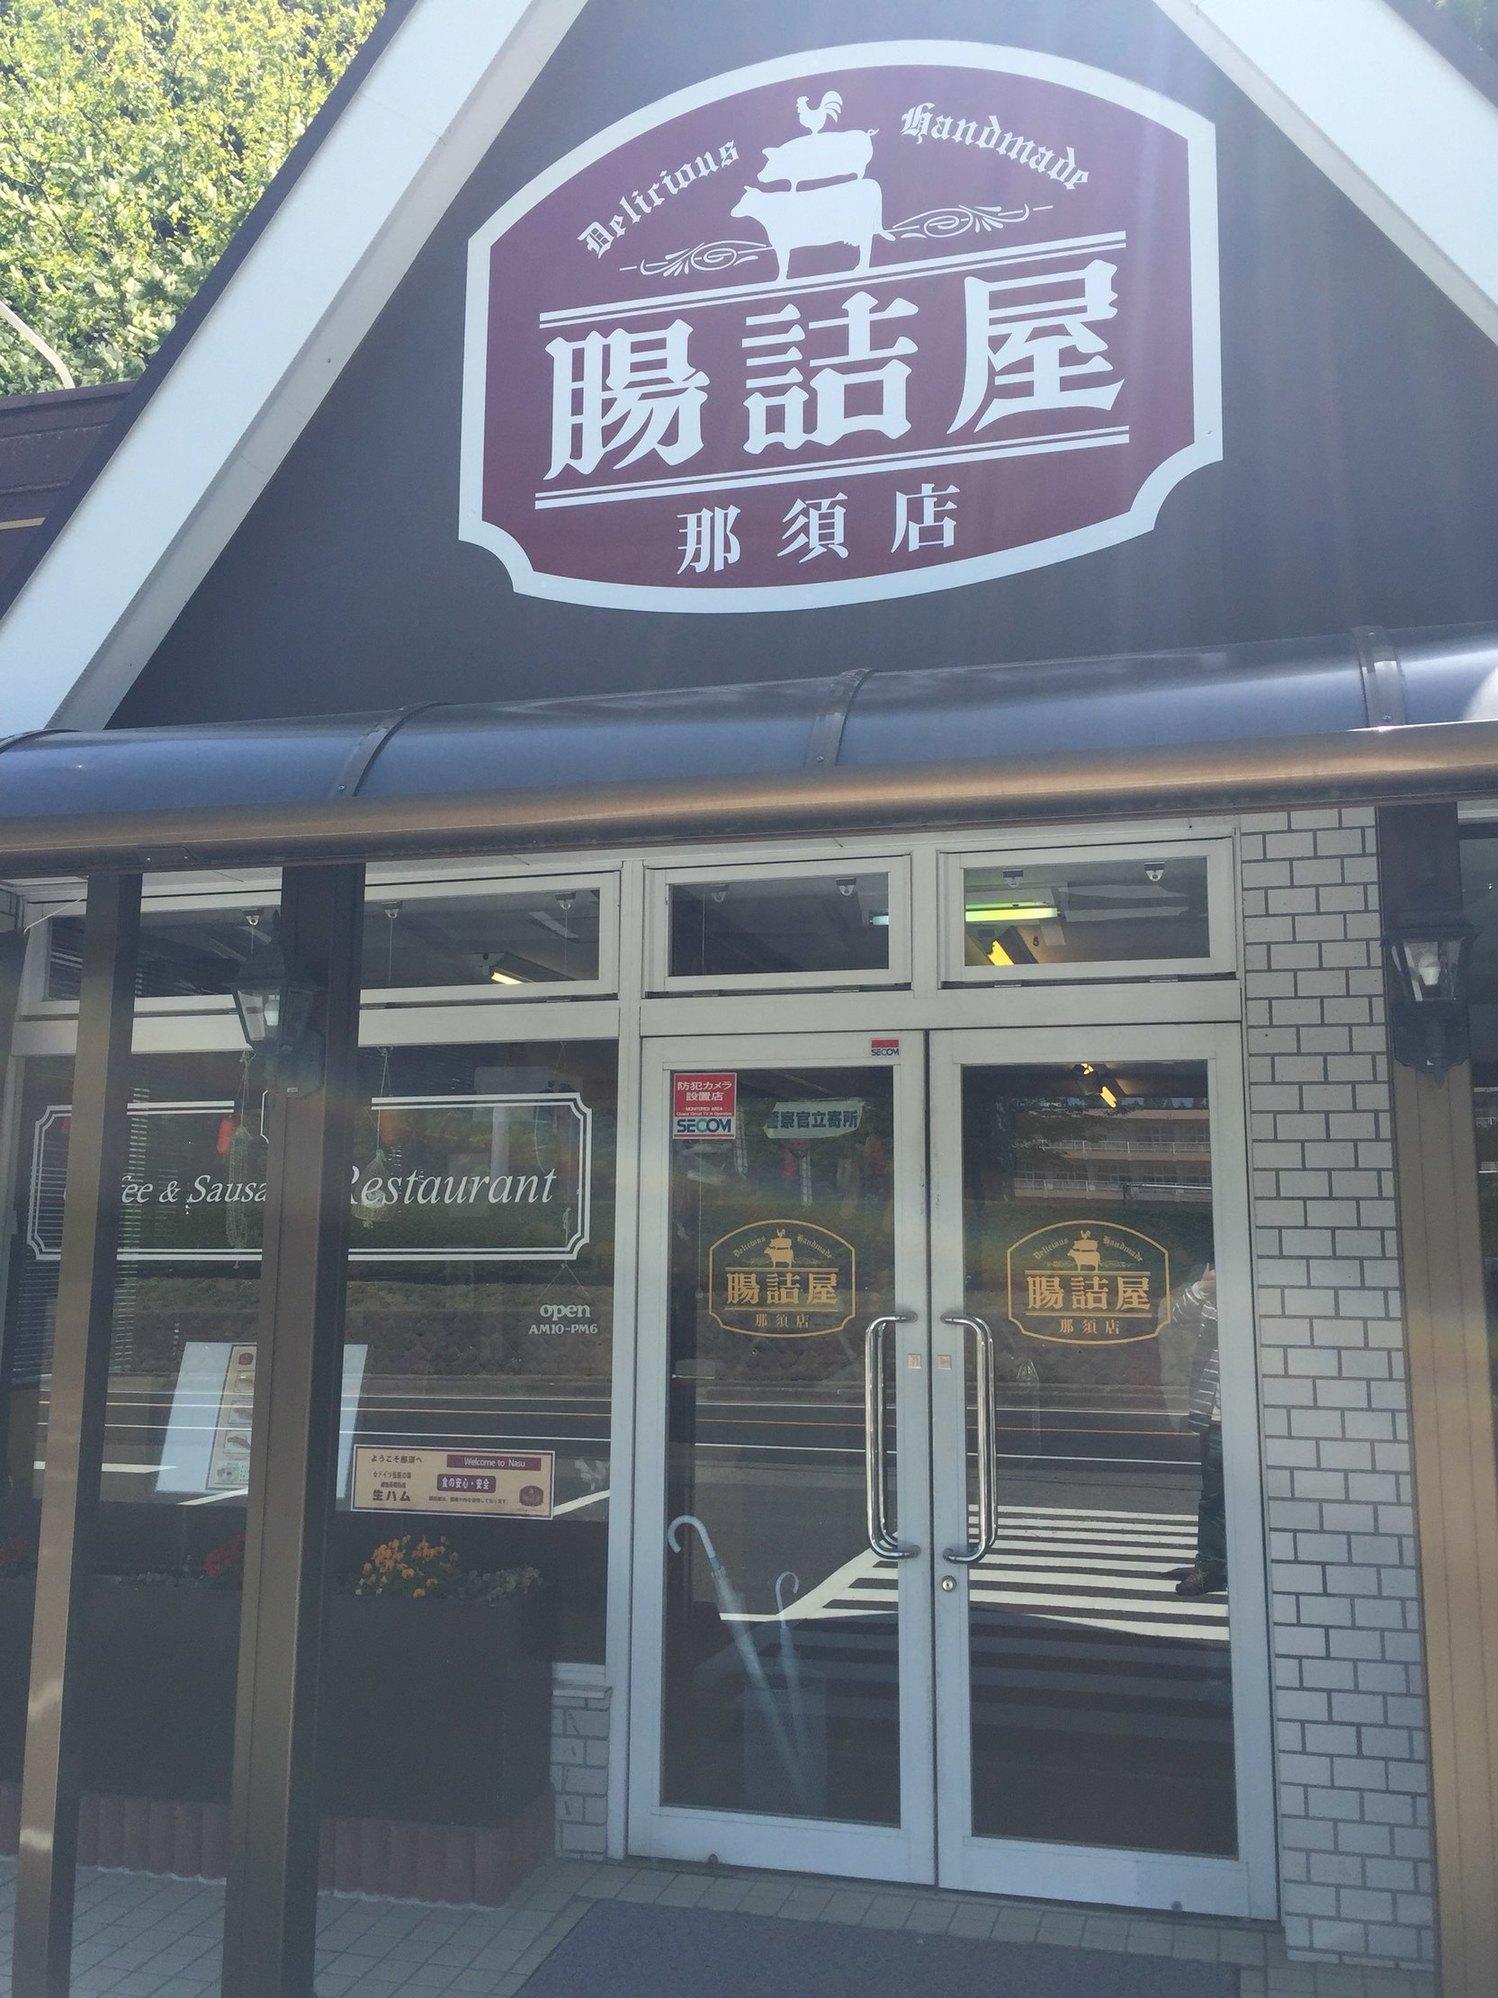 腸詰屋 那須店 name=